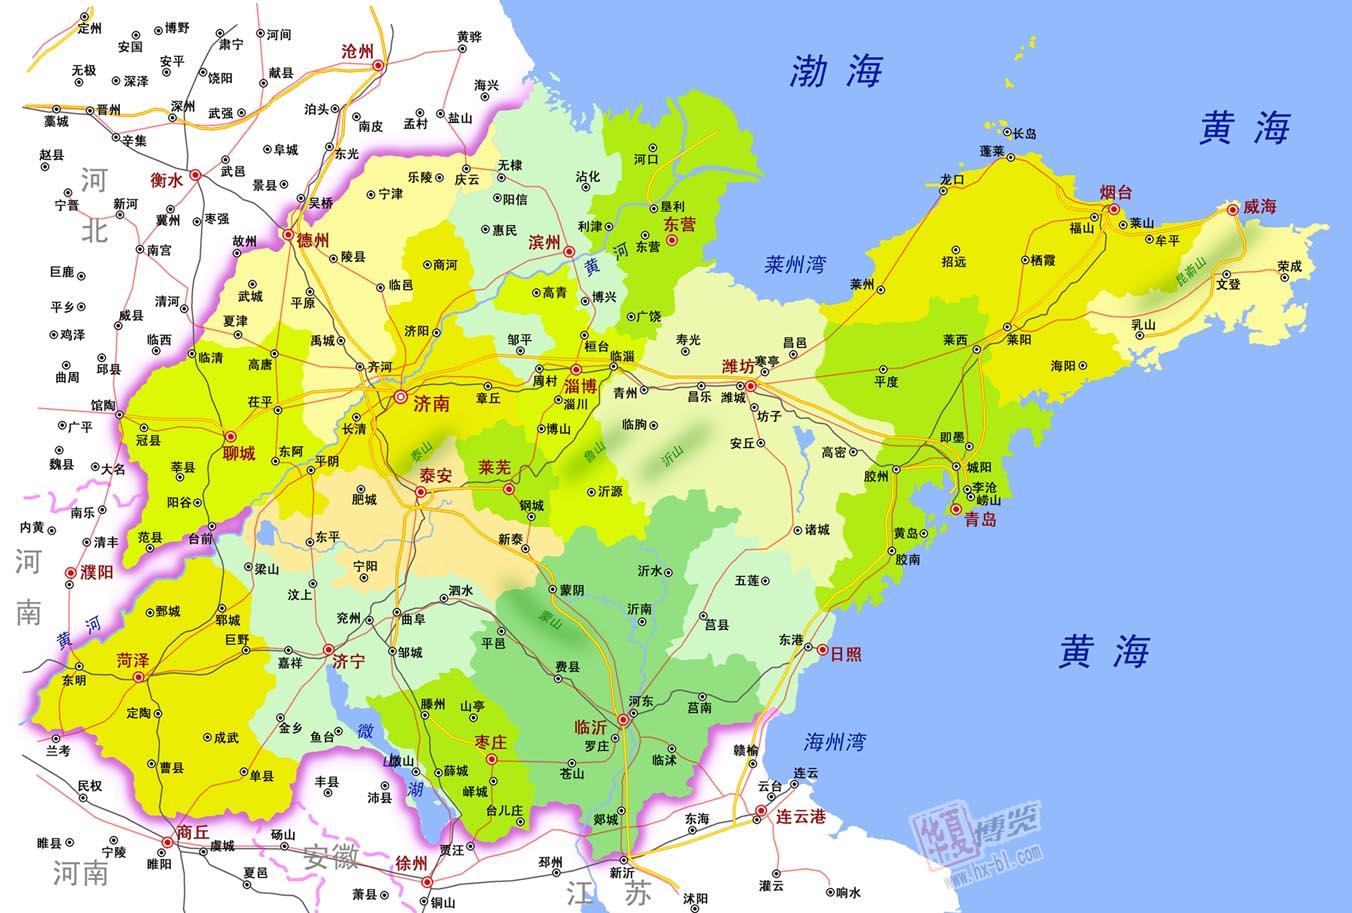 山东行政区划地图